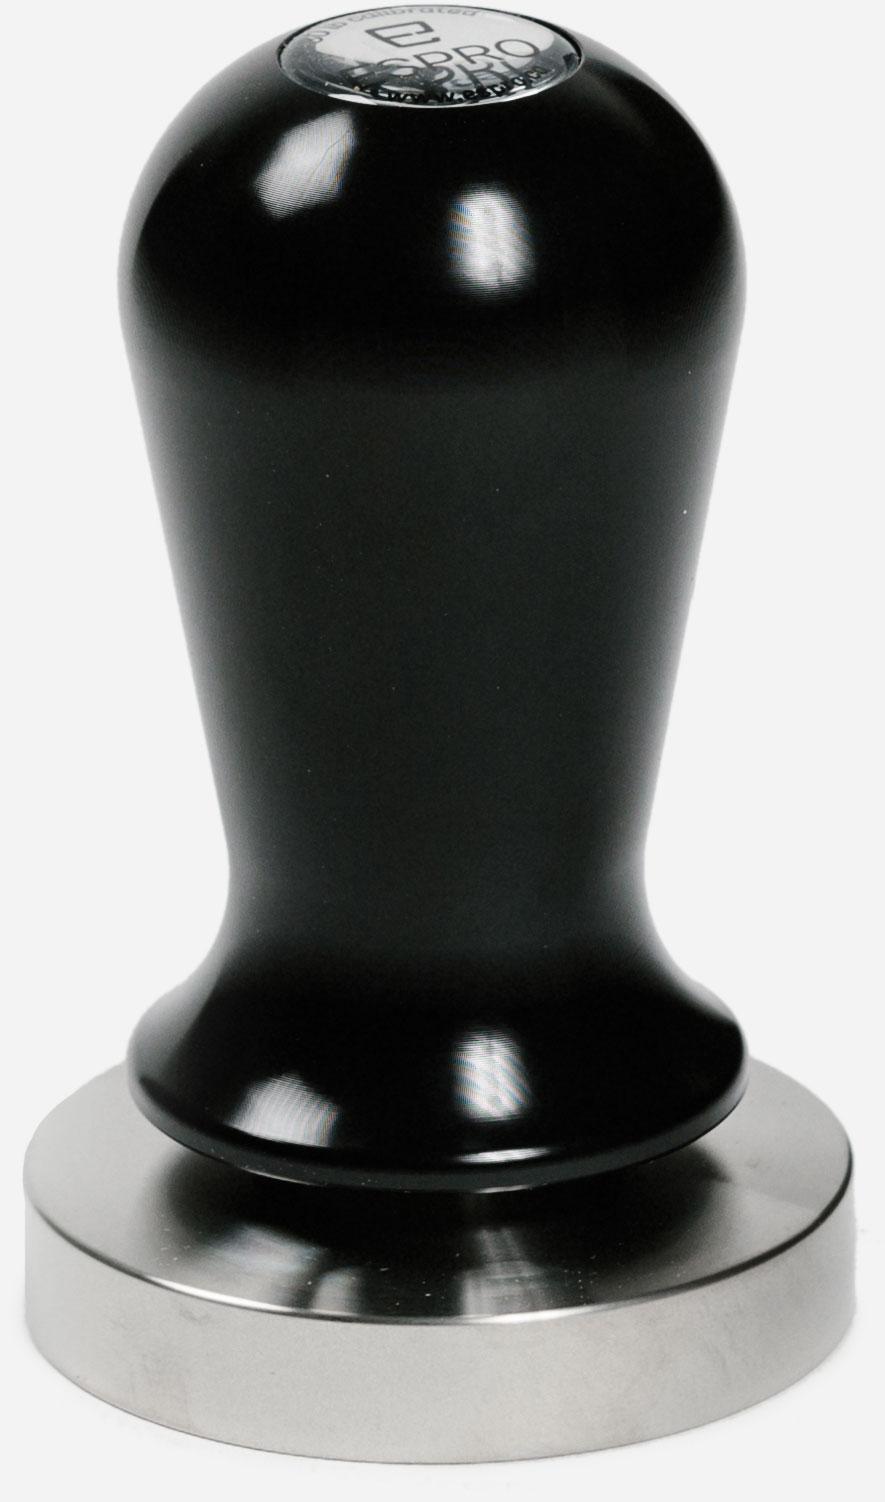 Espro Espresso Tamper - Click Tamper